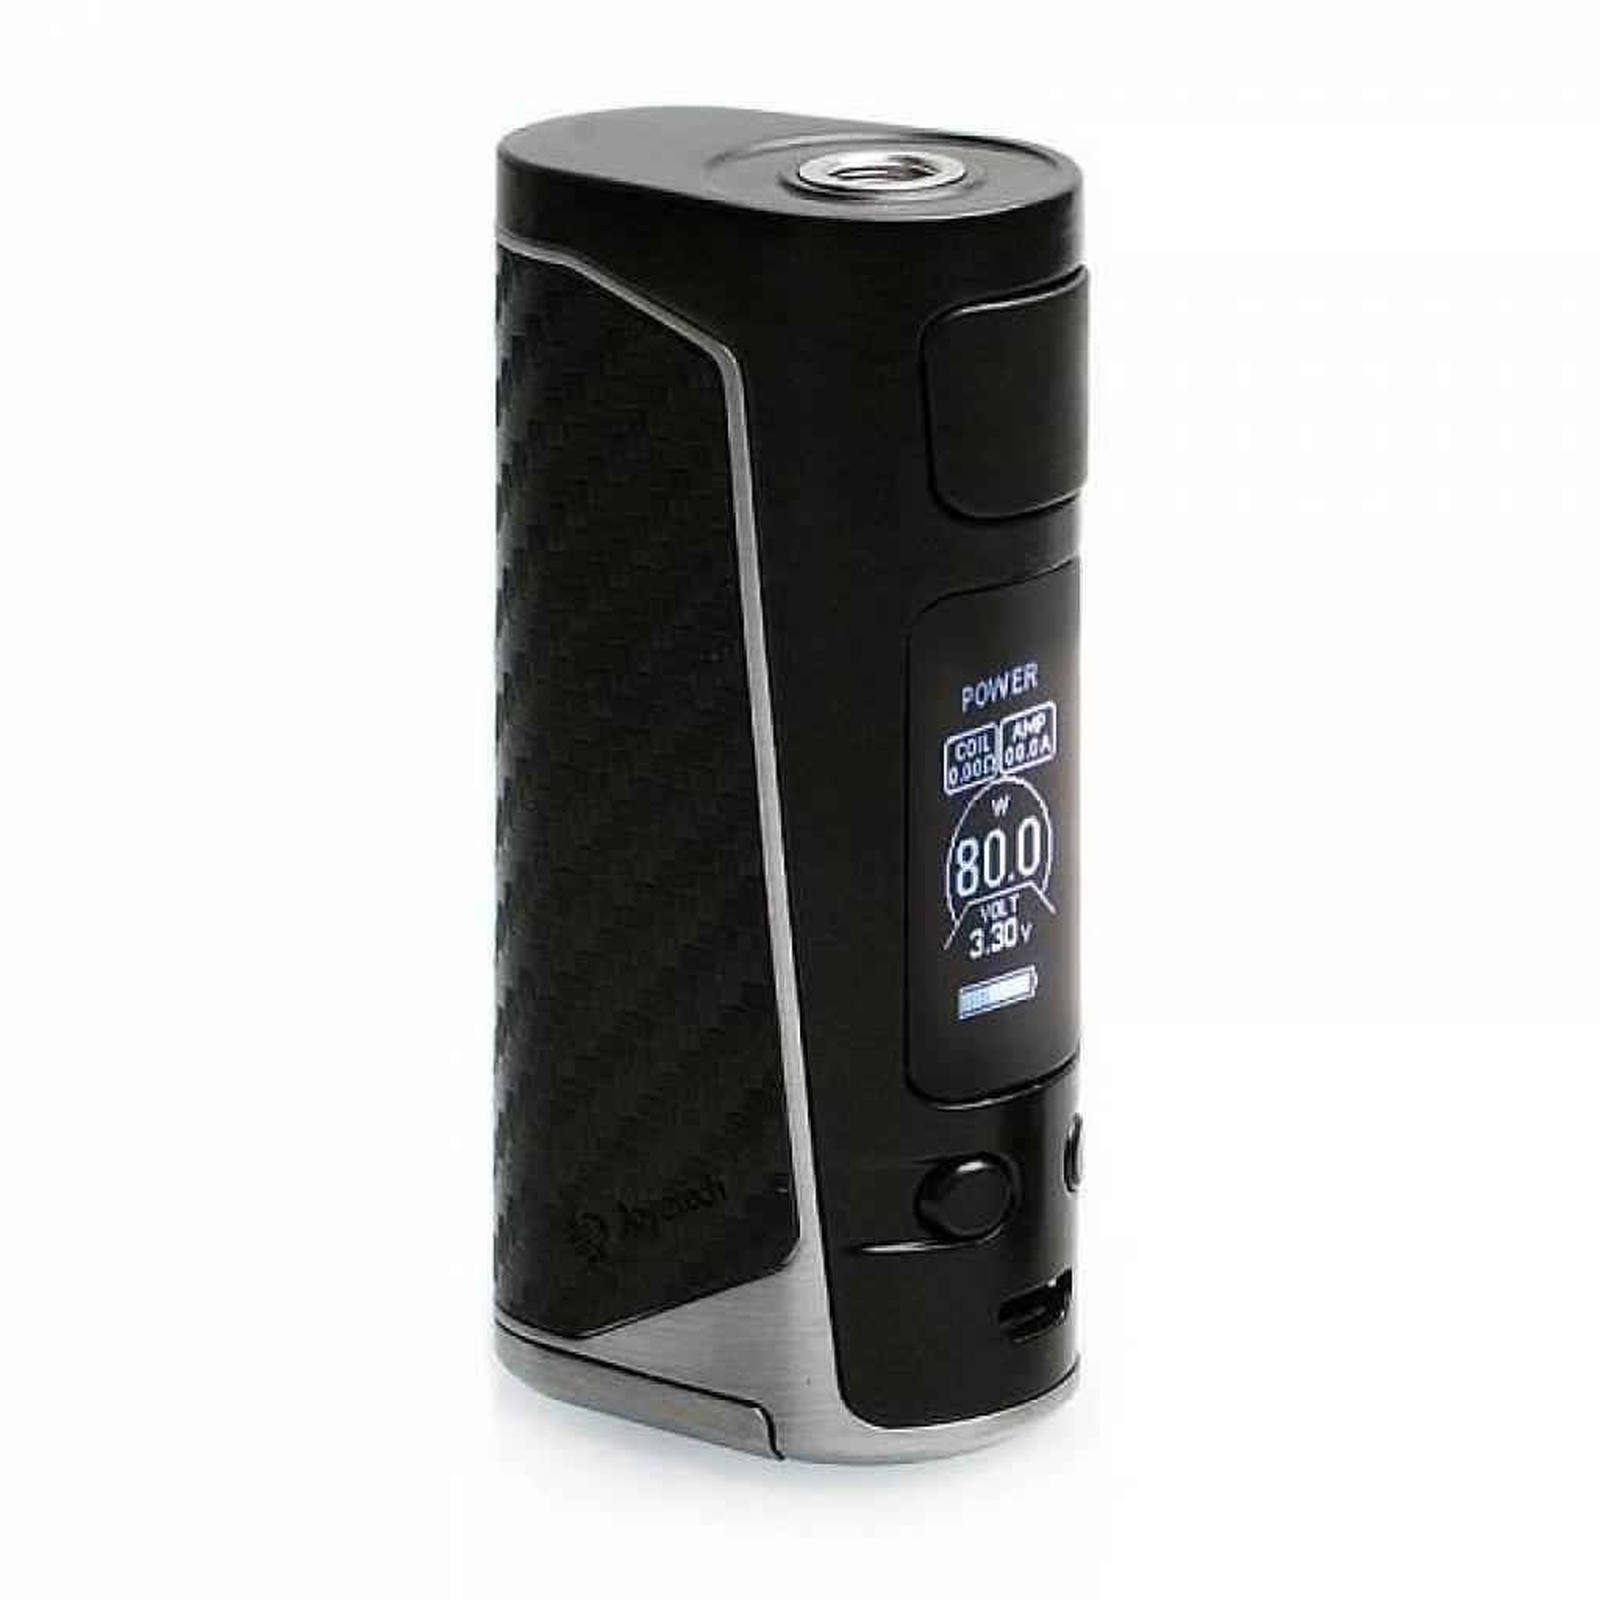 Мод Joyetech eVic Primo SE ТК 80W Black (1070164)